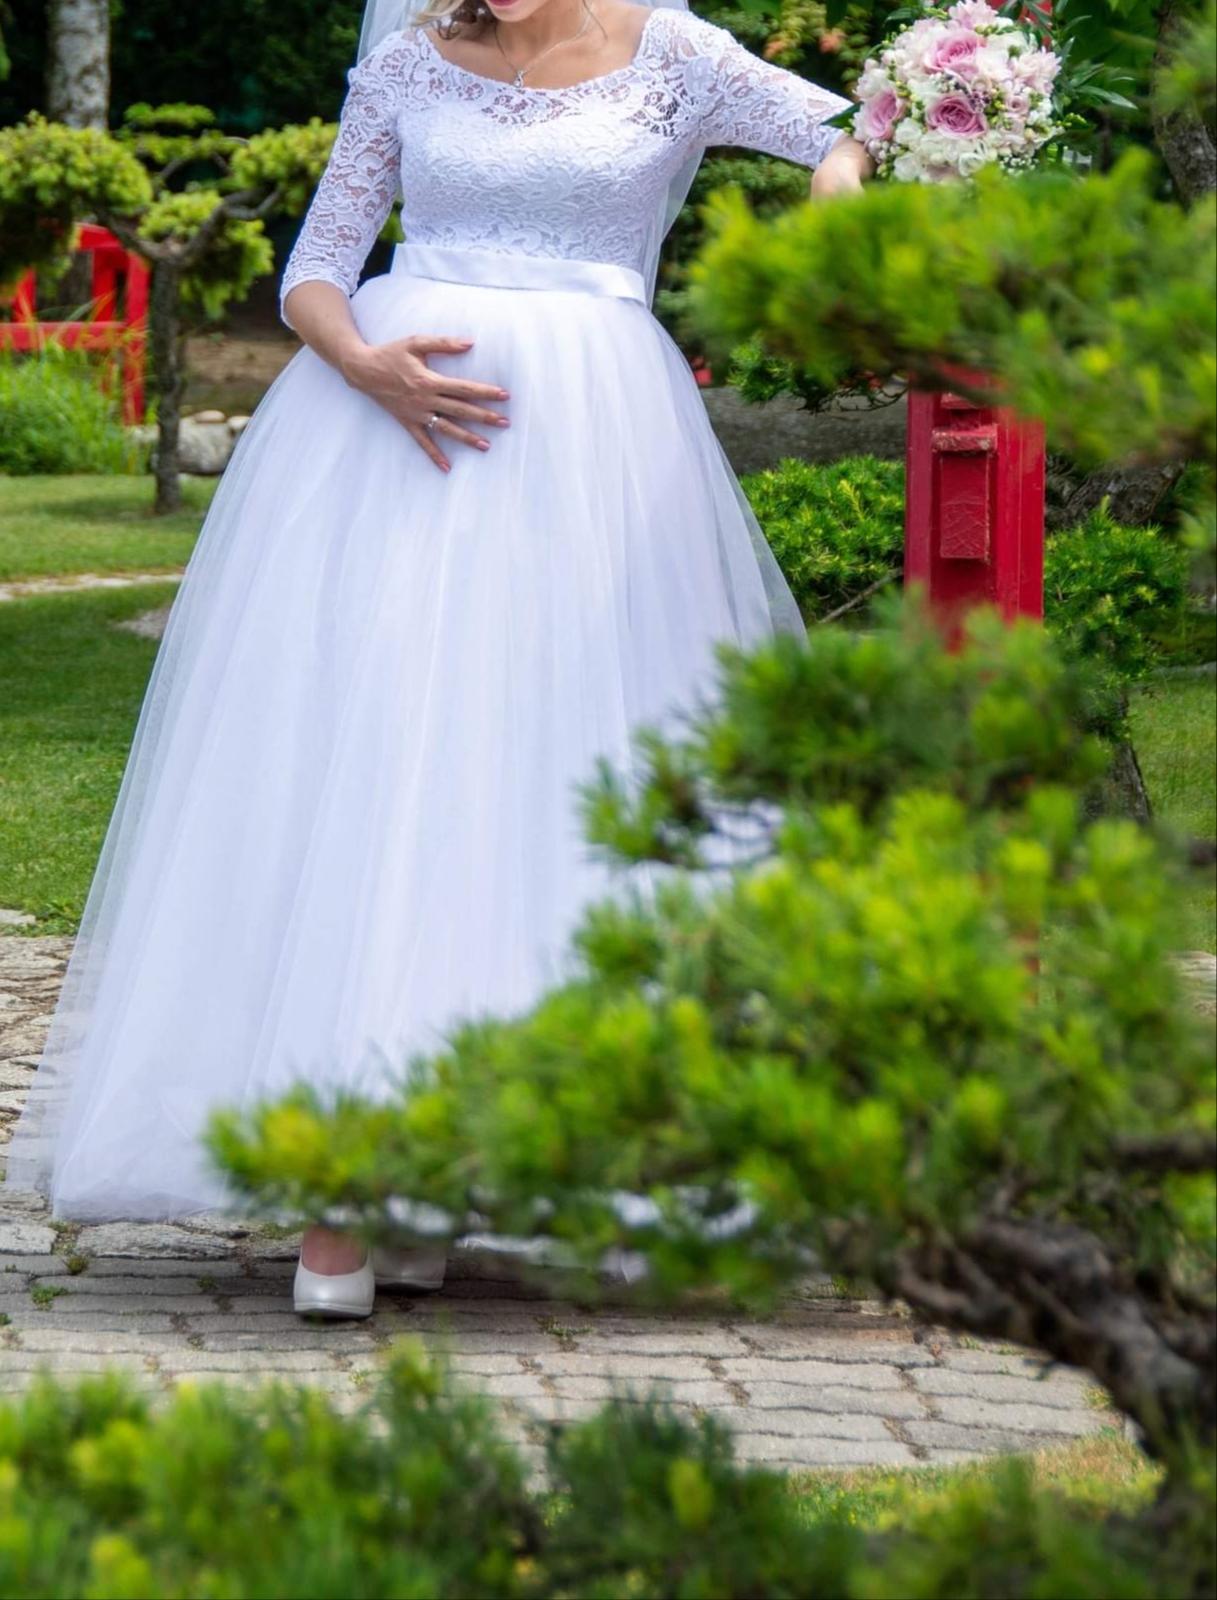 Predám svadobné šaty veľ S aj pre tehotné - Obrázok č. 1